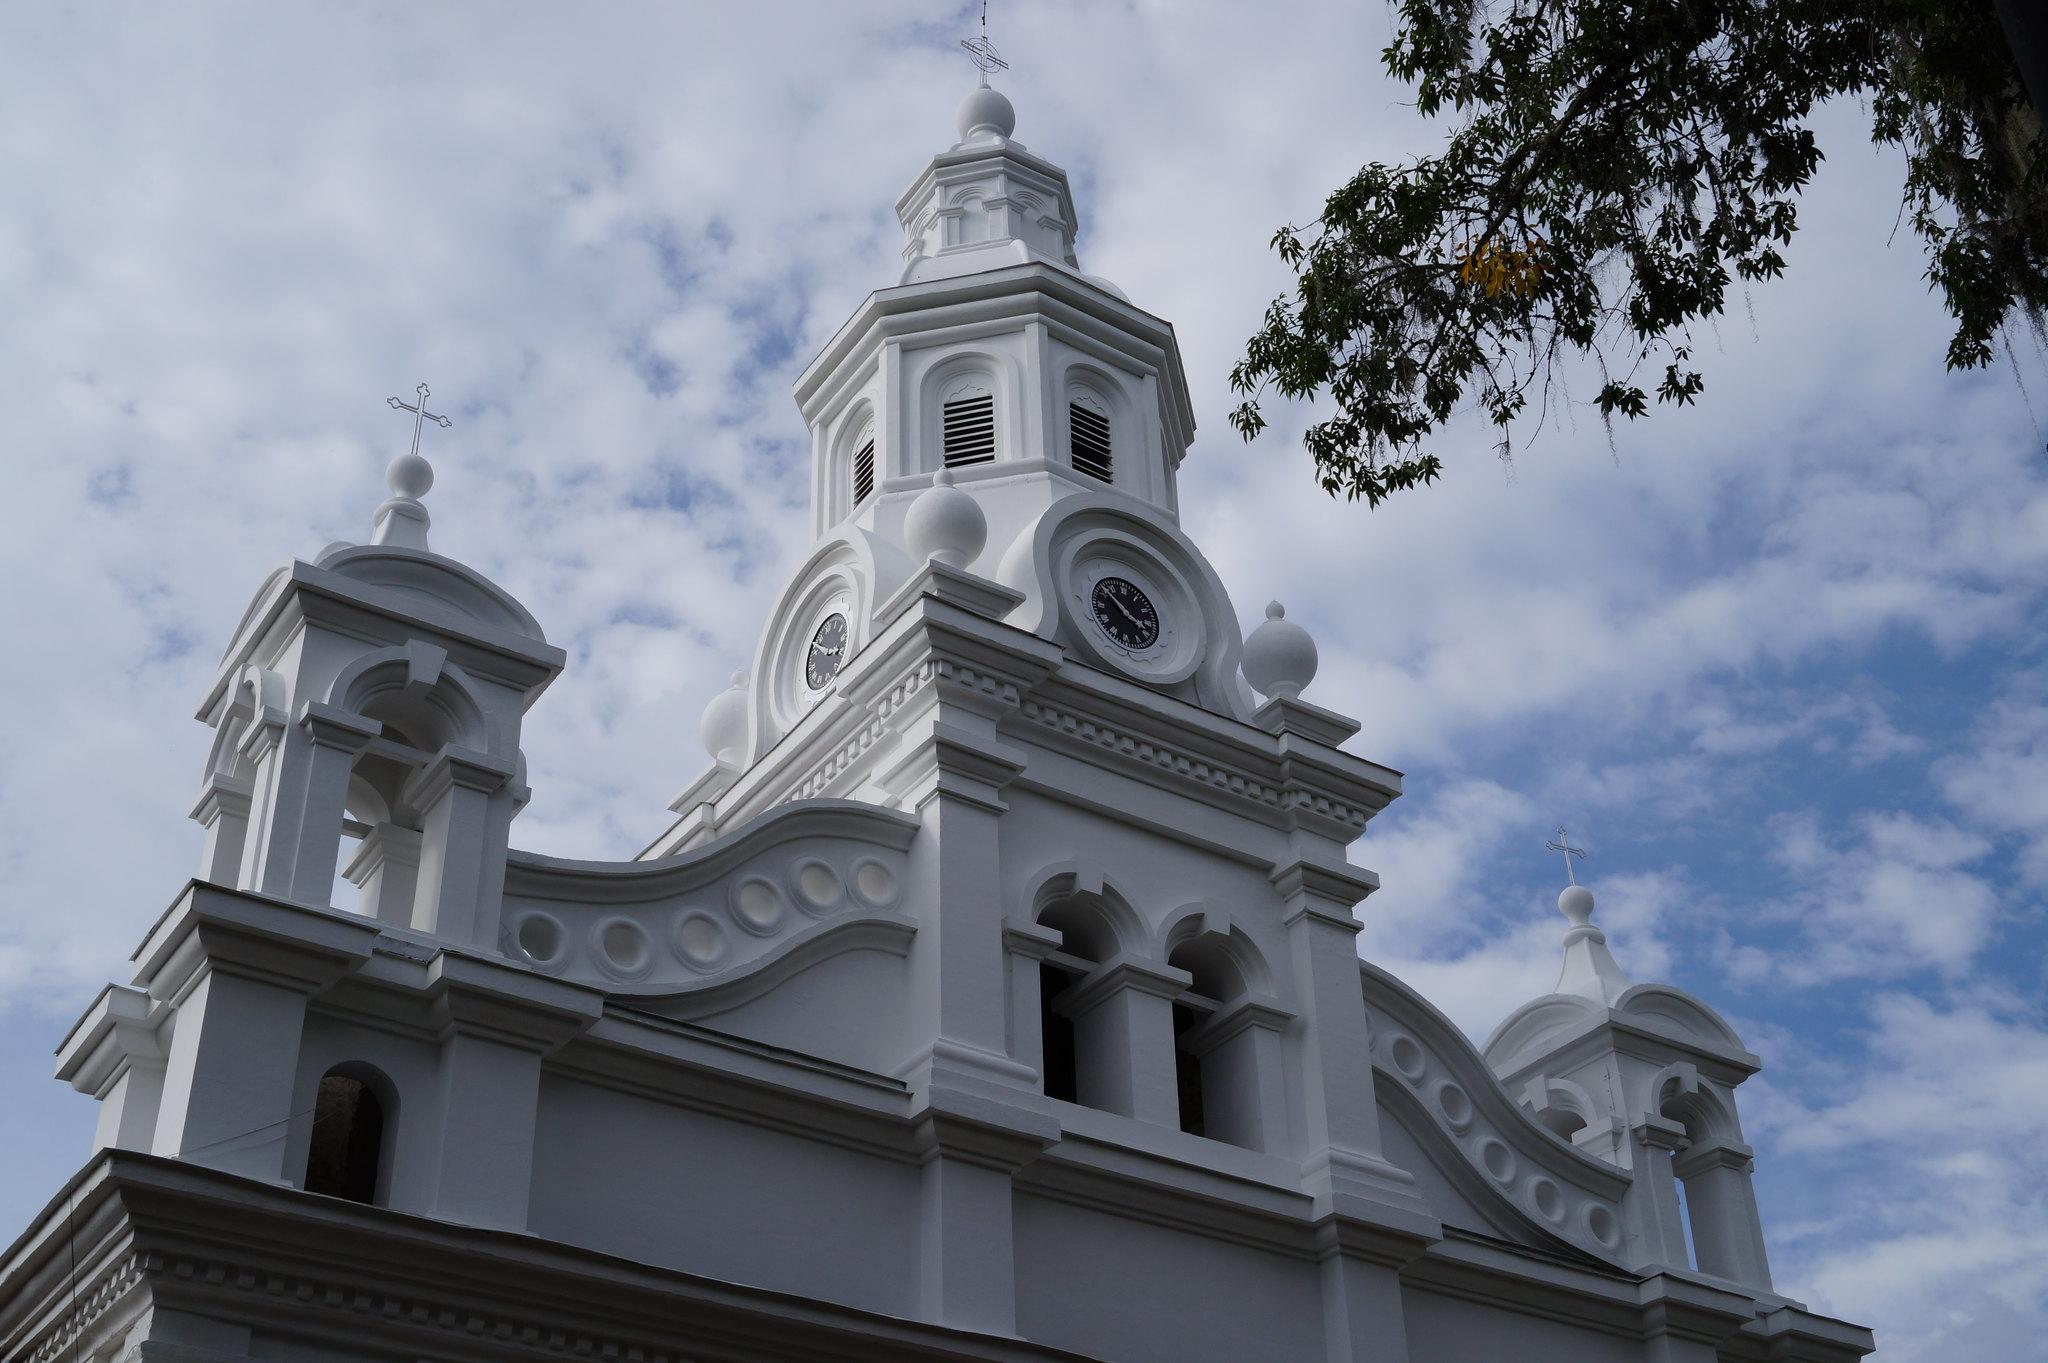 Imagen de la iglesia de Salamina, Caldas parte del Arte Religioso del Paisaje Cultural Cafetero.